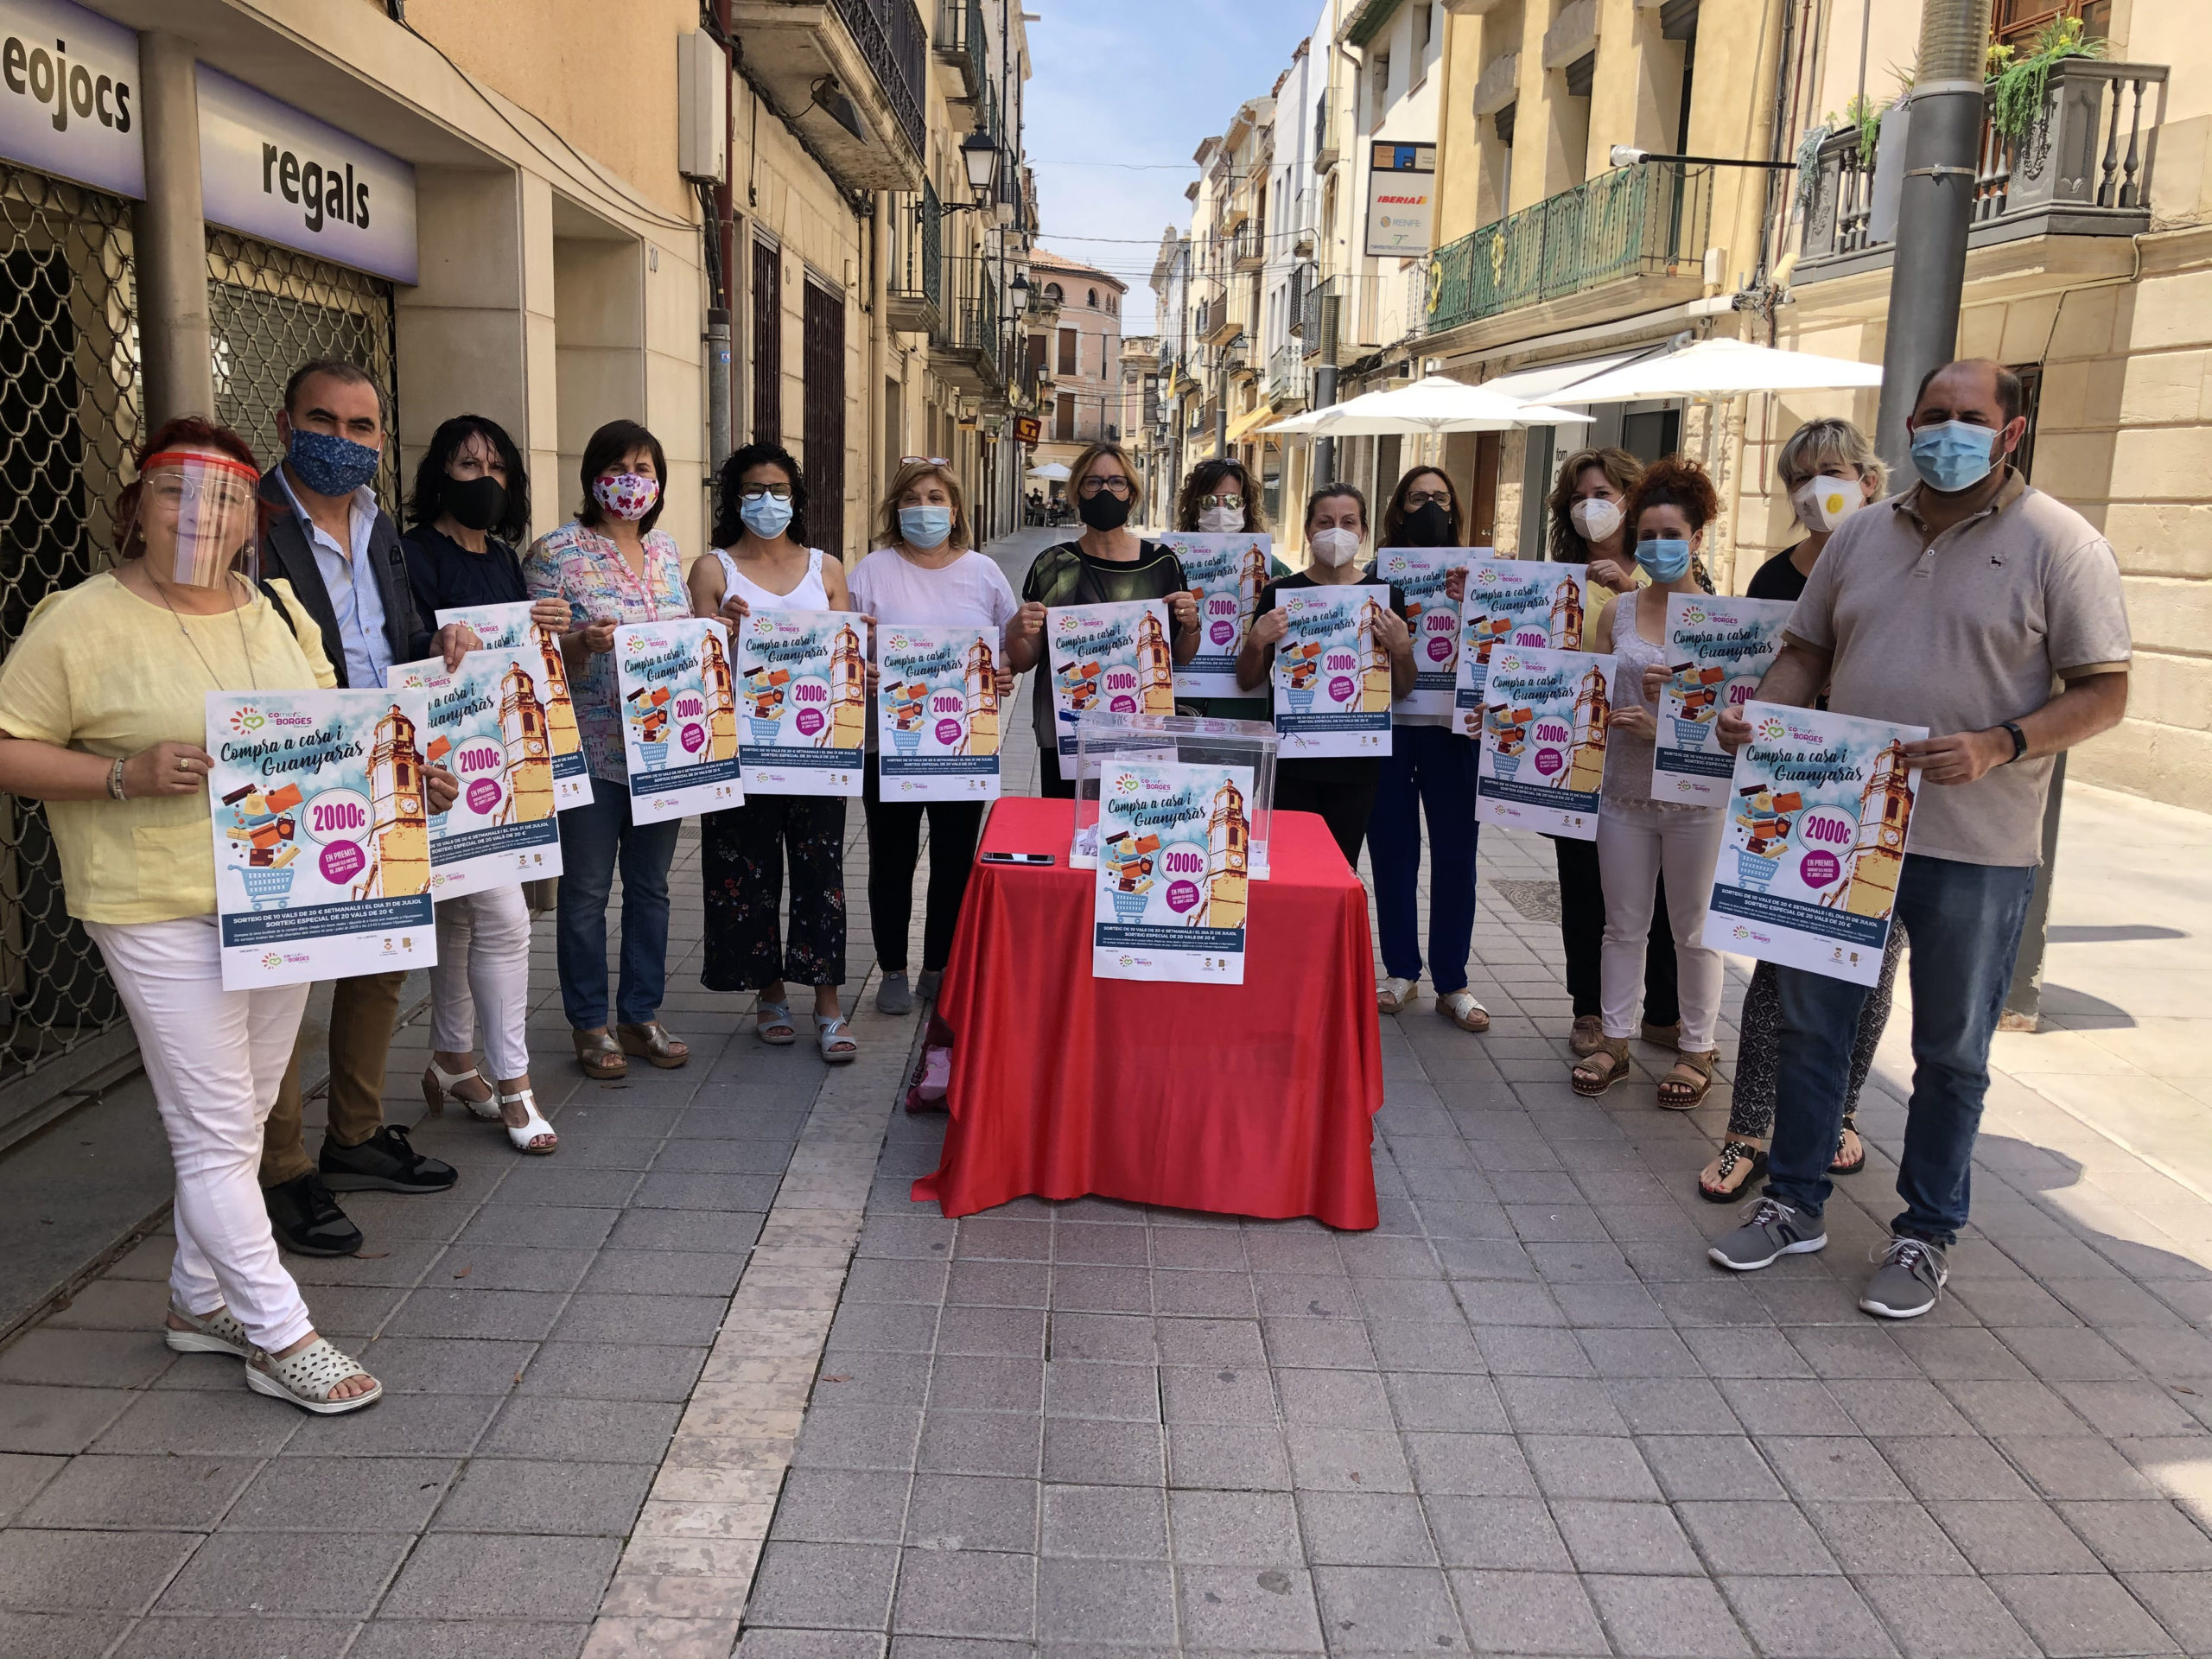 Campanya per a donar impuls als comerços de les Borges, amb sortejos de vals de compra valorats en 2.000 €